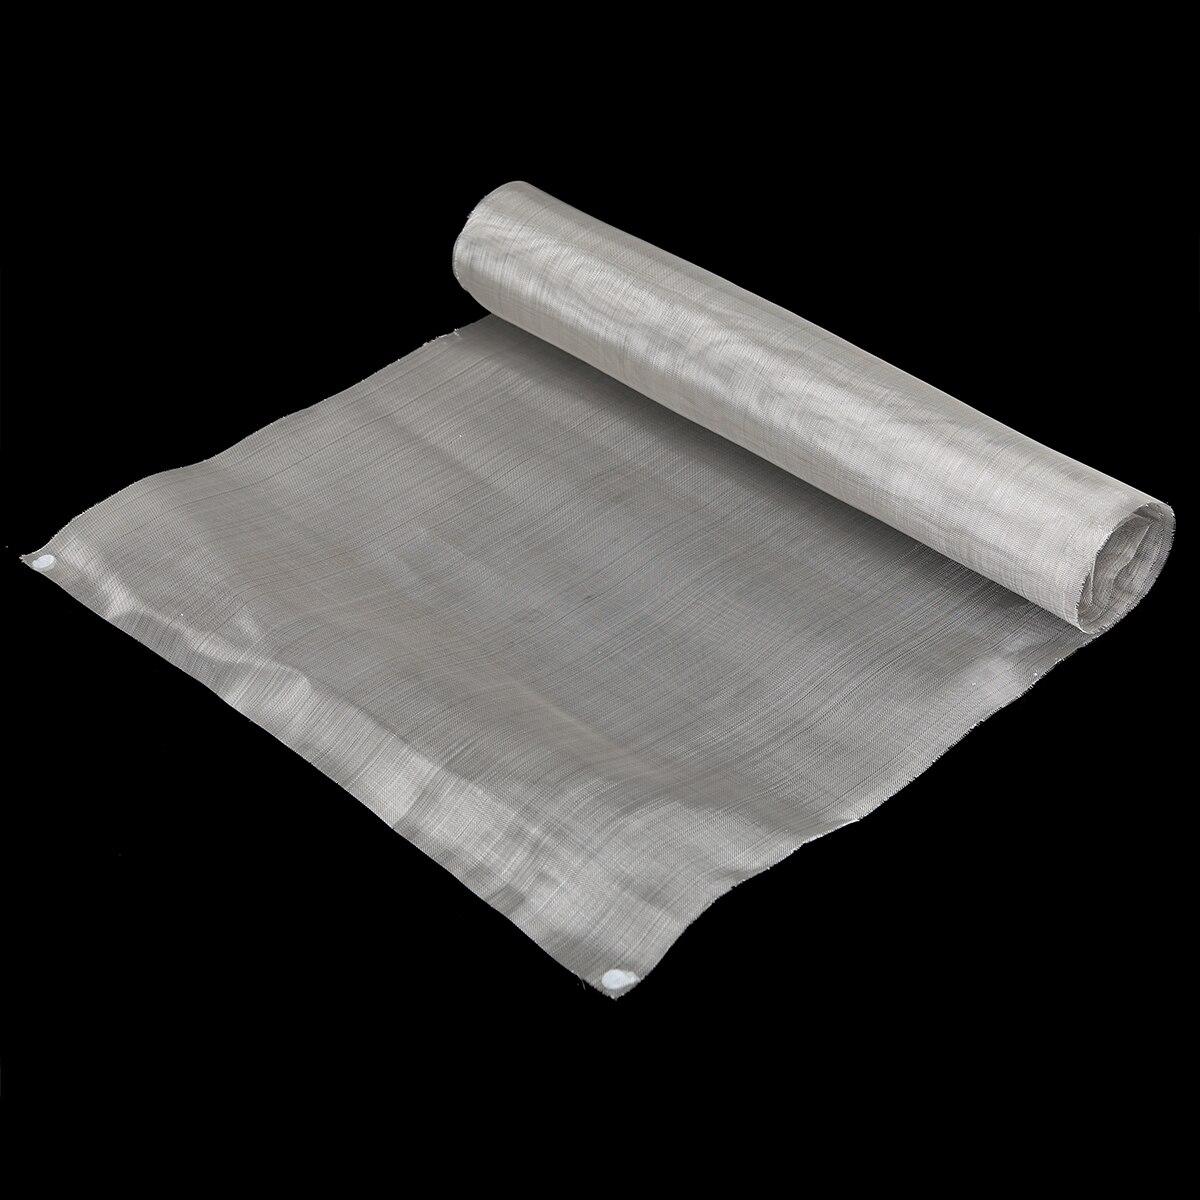 1 piezas 50 de malla de tejido de alambre de acero inoxidable de plata tejida de tela de alambre de pantalla con alta resistencia a la temperatura